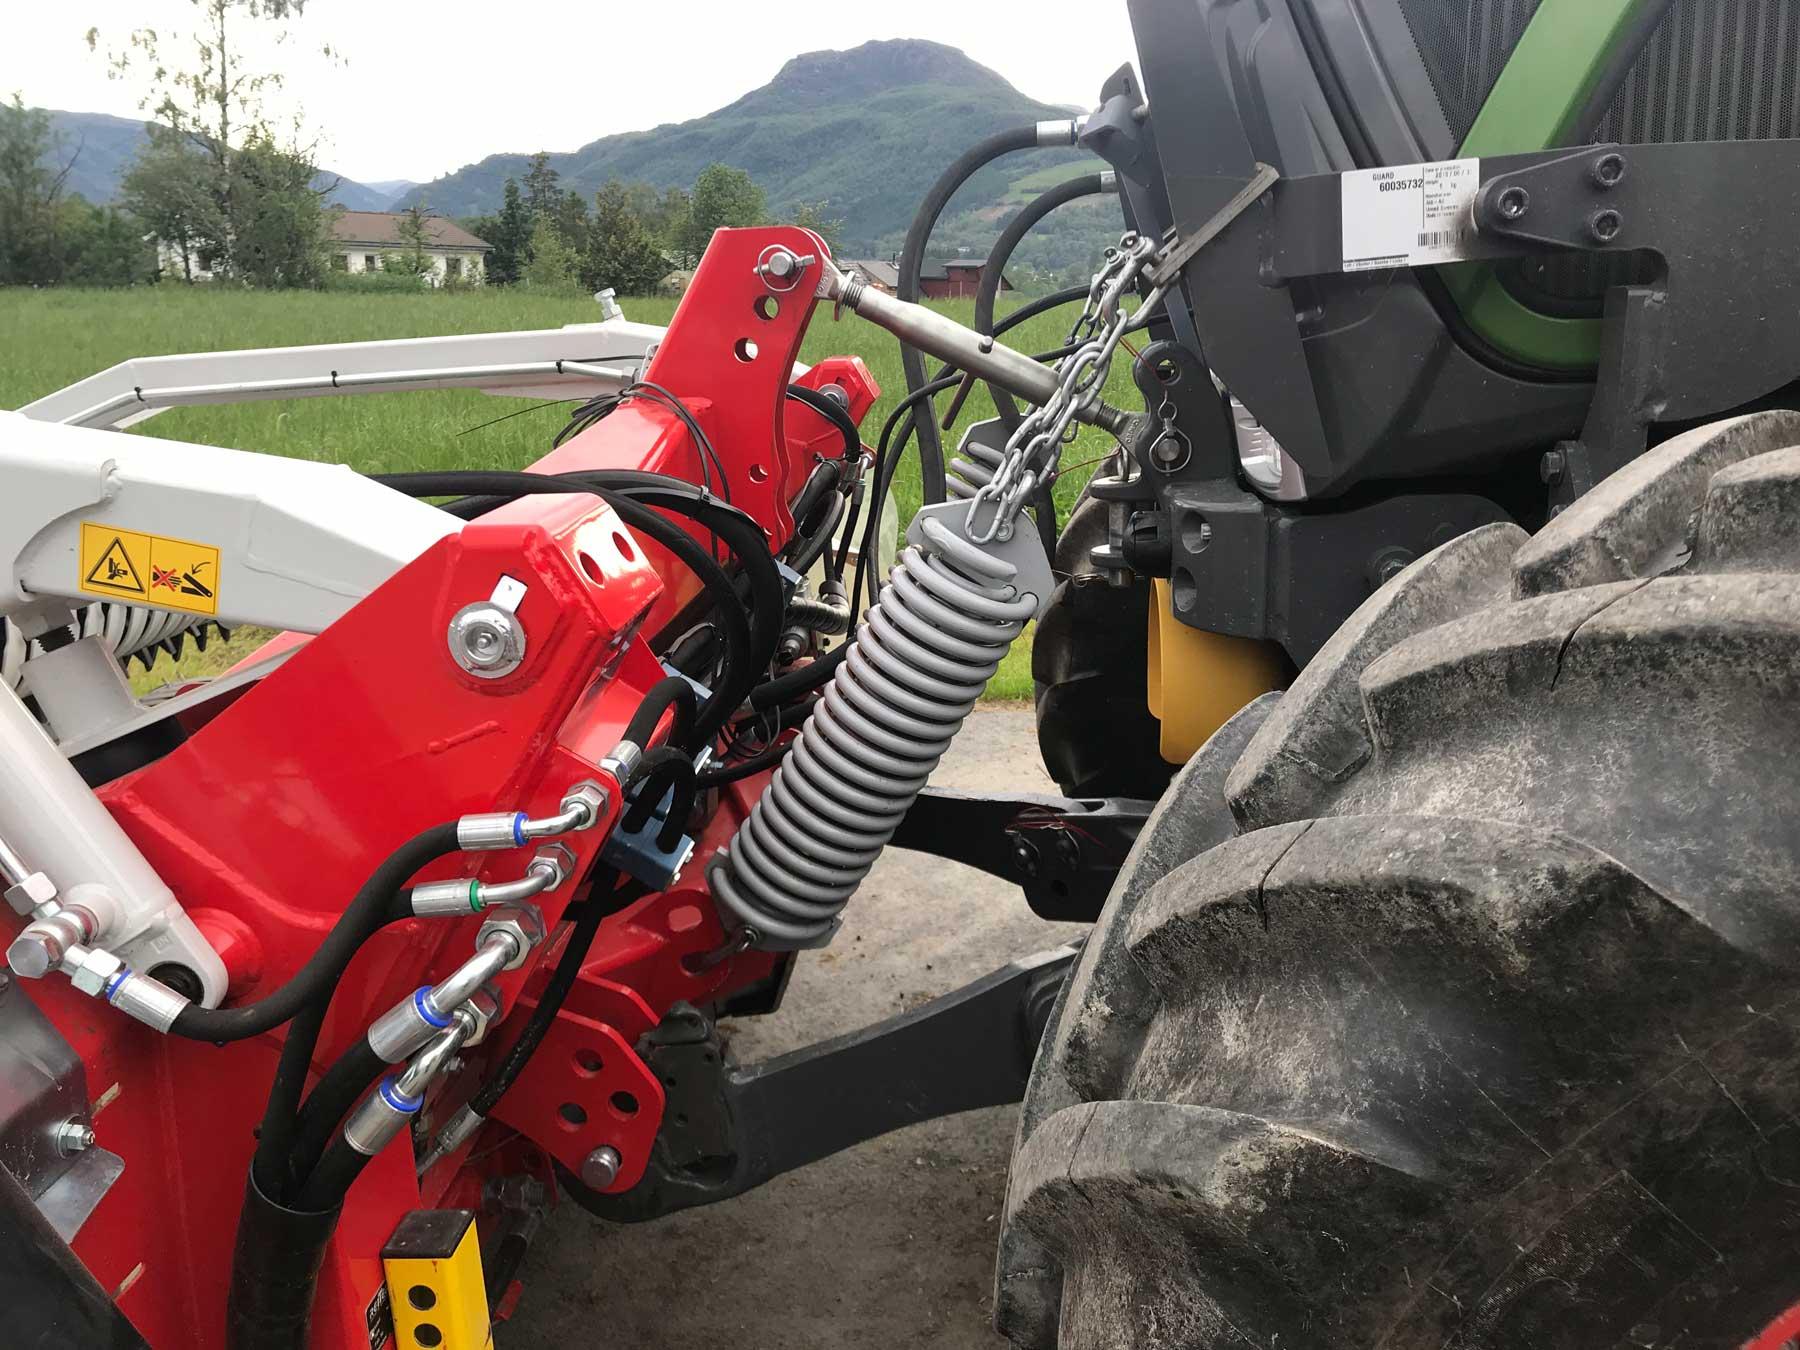 Reiter RESPIRO R3 compact 1000